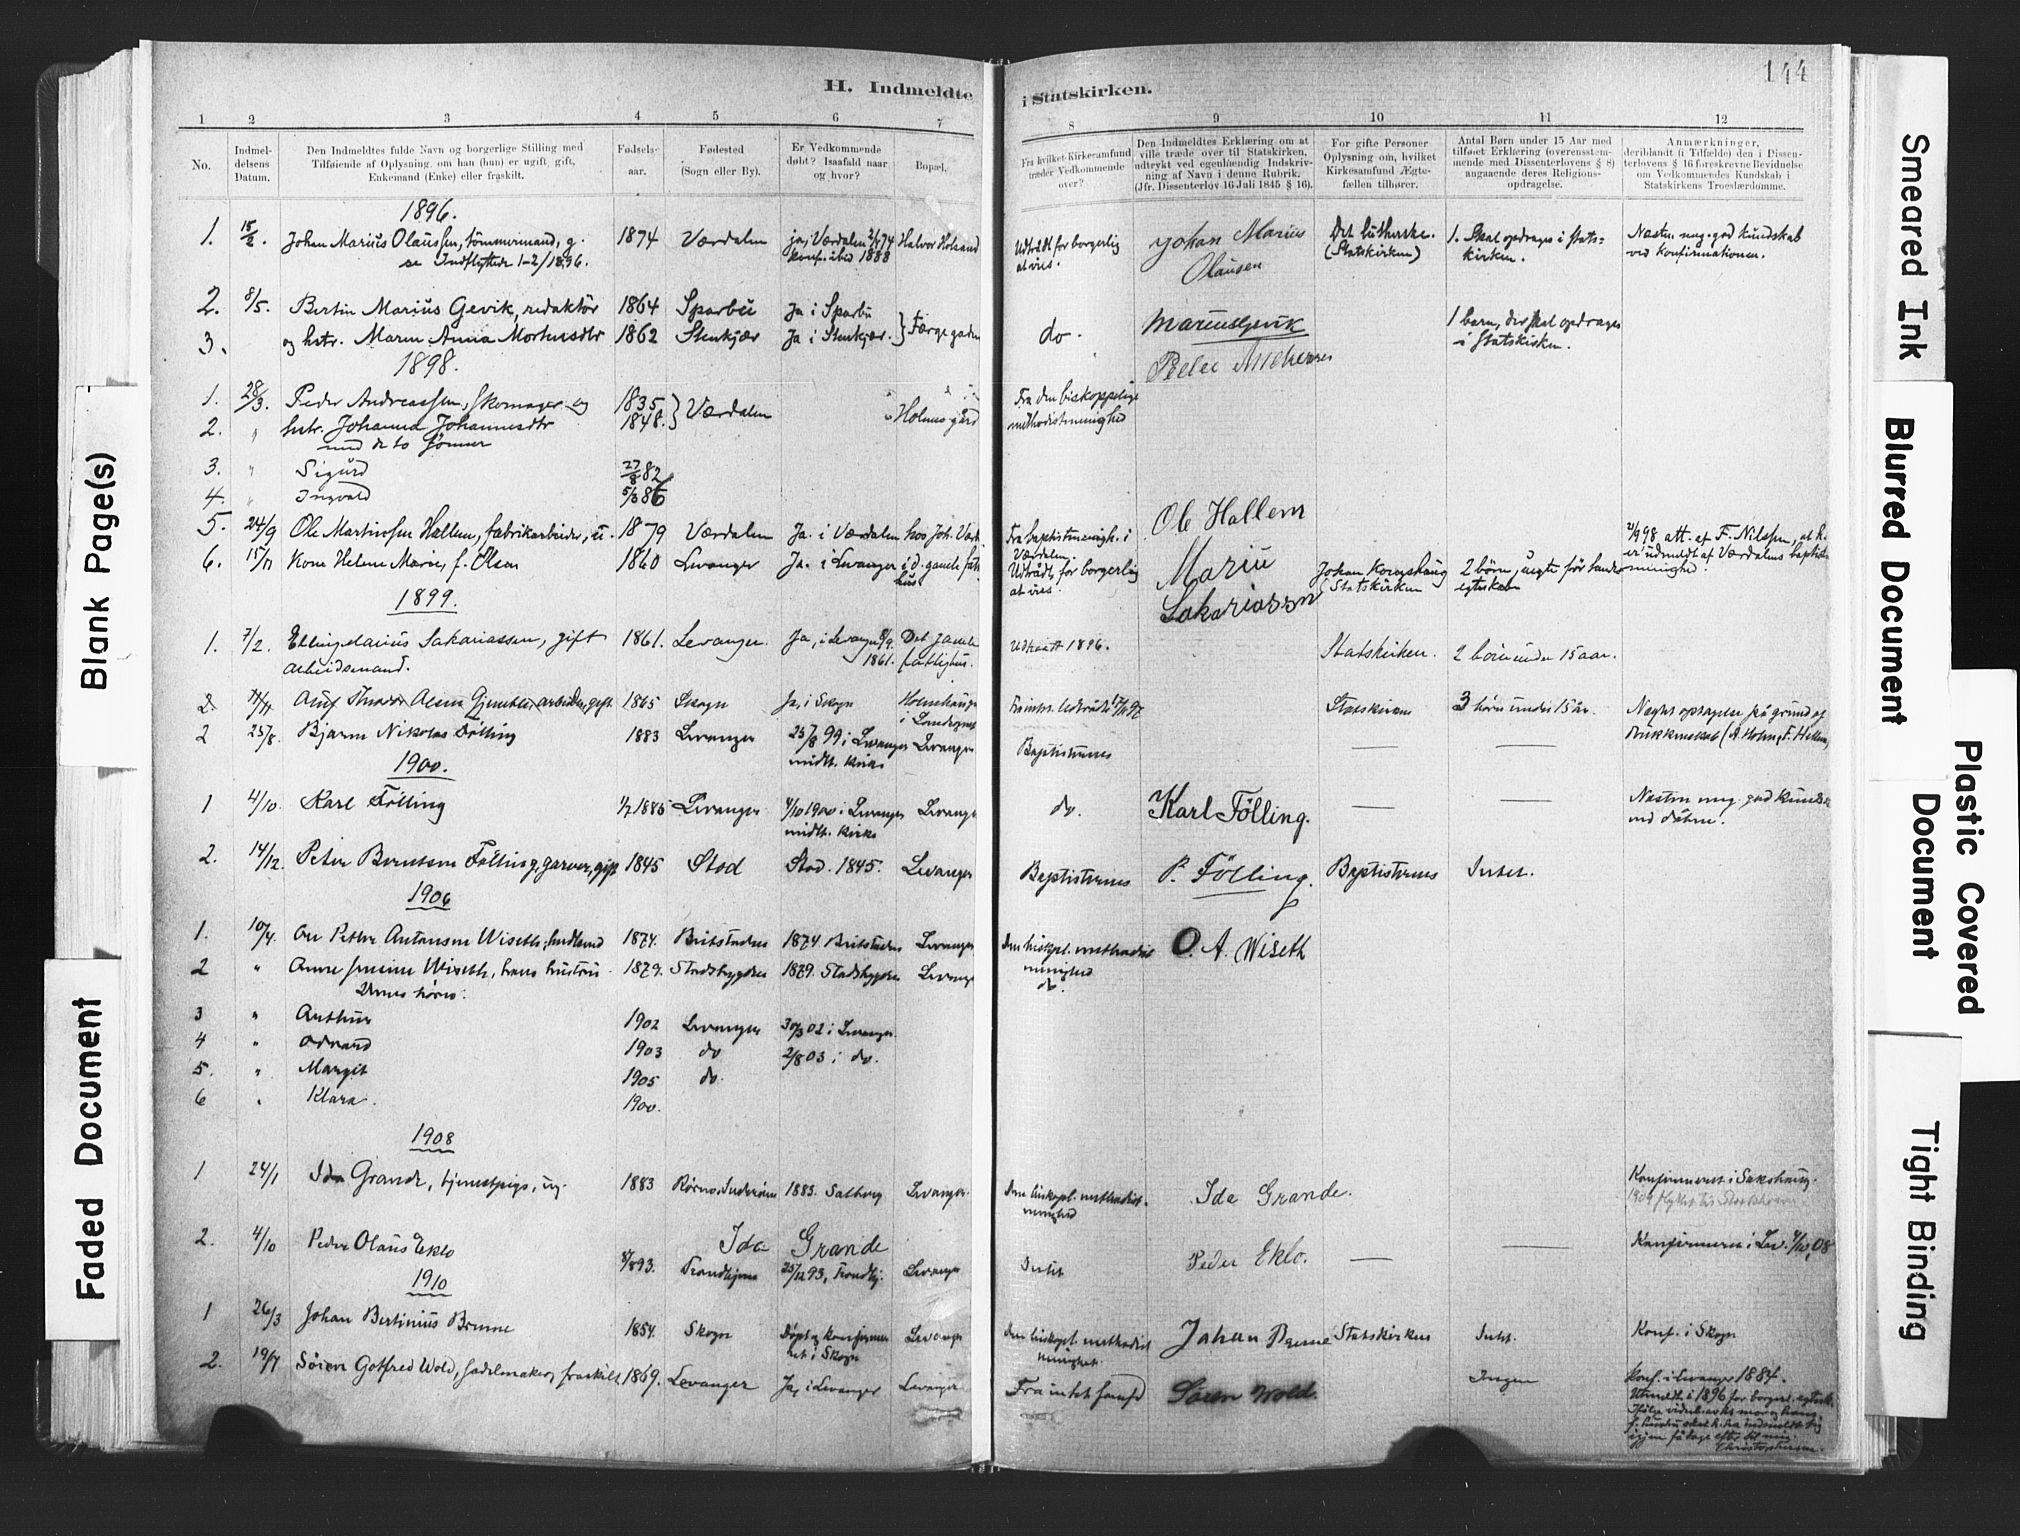 SAT, Ministerialprotokoller, klokkerbøker og fødselsregistre - Nord-Trøndelag, 720/L0189: Ministerialbok nr. 720A05, 1880-1911, s. 144